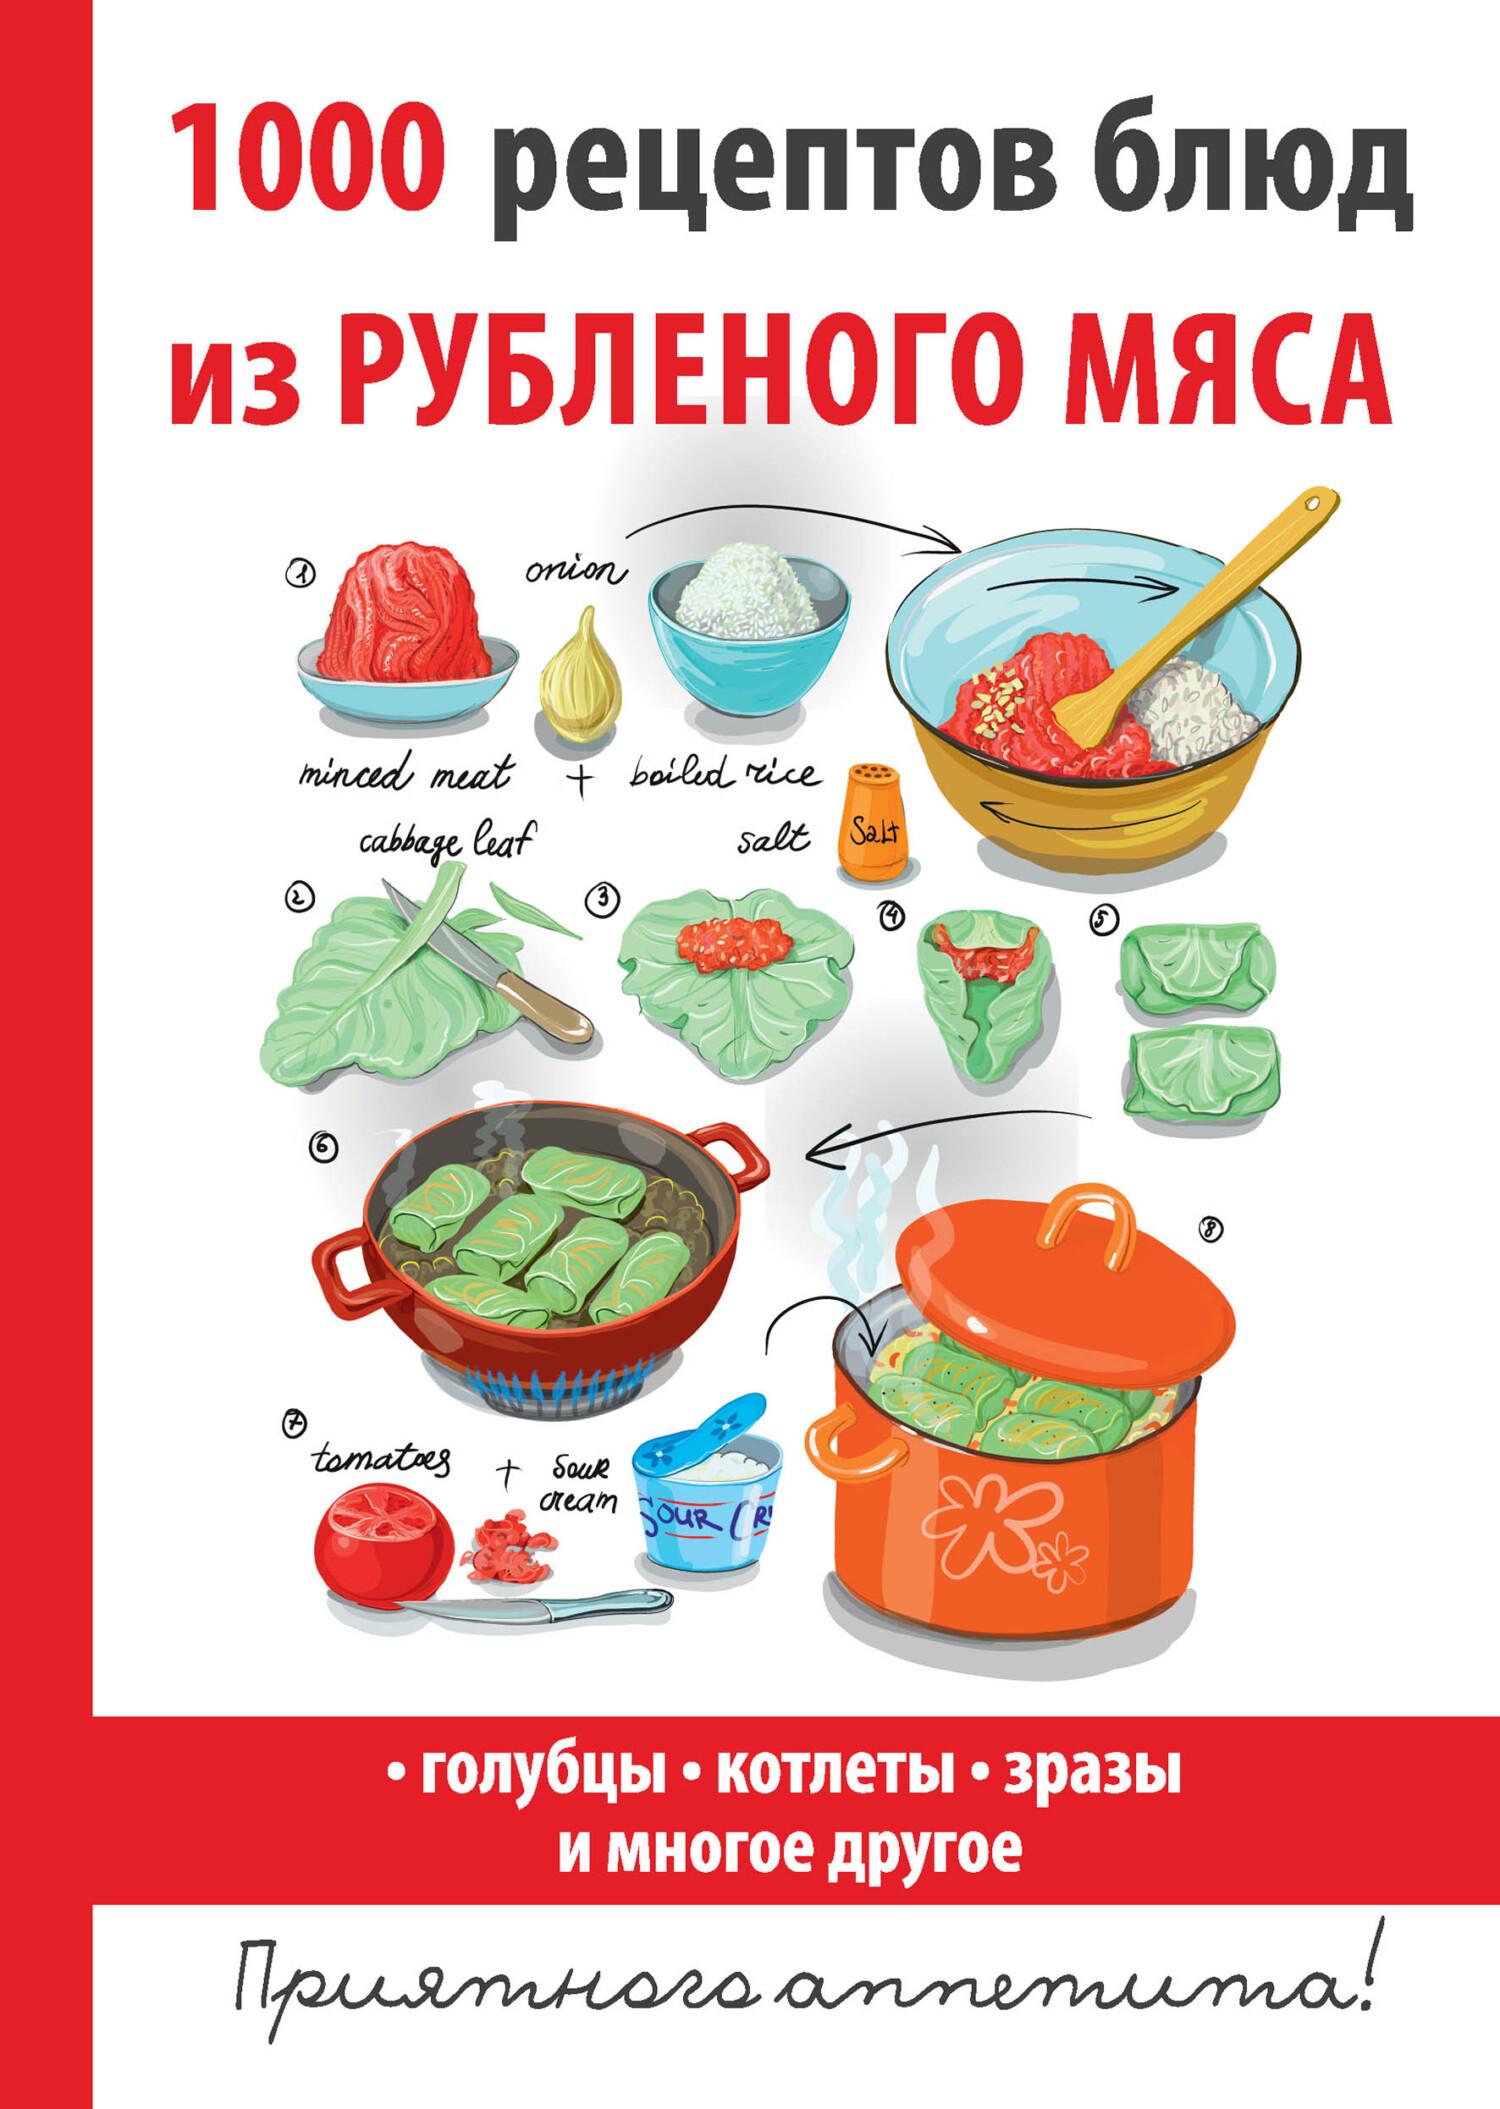 Книга 1000 лучших рецептов котлет, зраз, голубцов и другое рубленое мясо